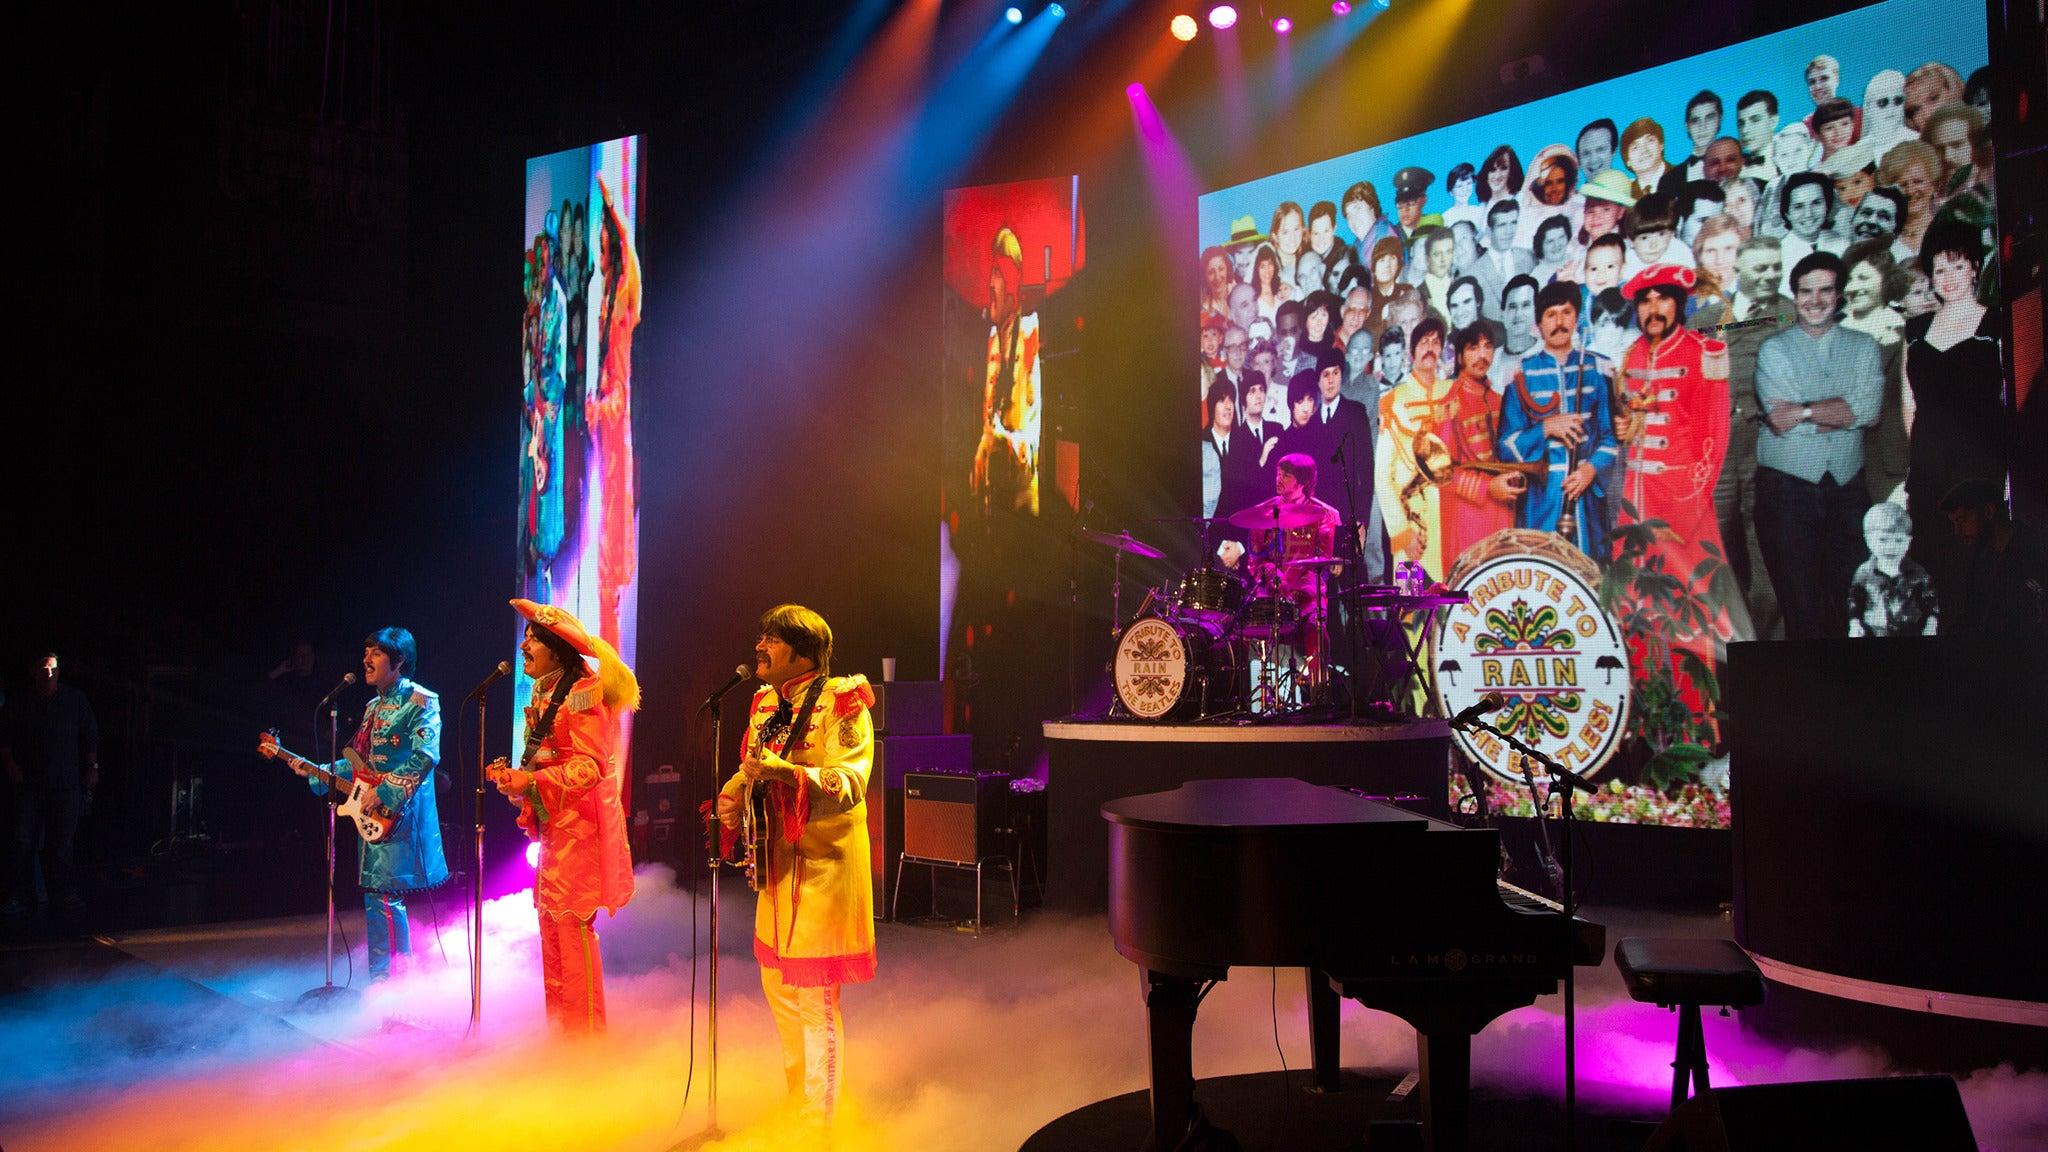 Rain: A Tribute To The Beatles presale password for show tickets in Scranton, PA (Scranton Cultural Center)